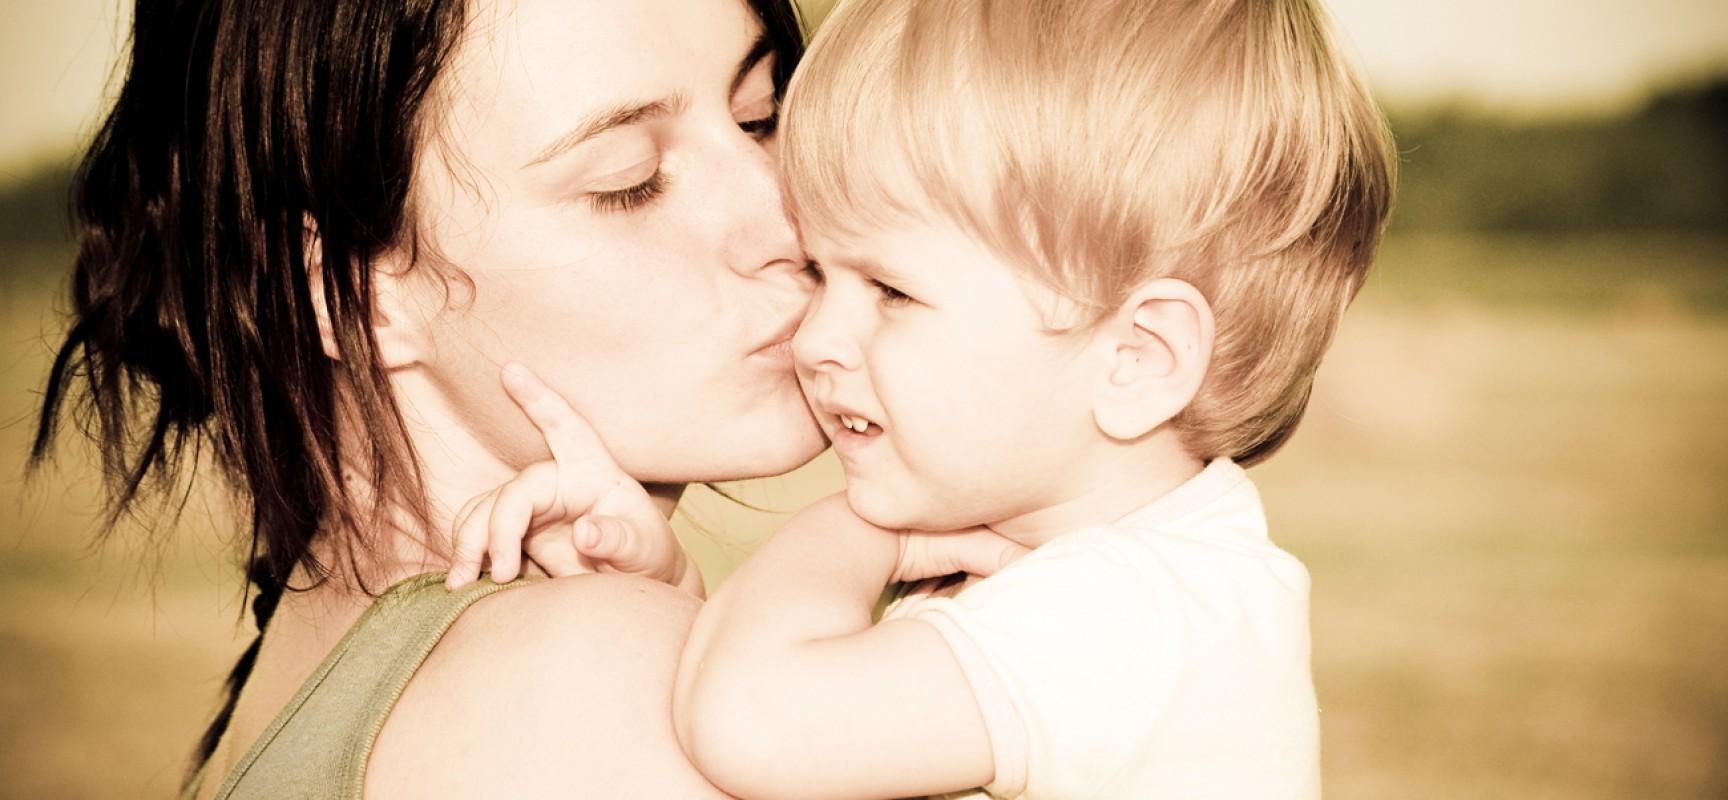 Cómo comportarte con tus hijos